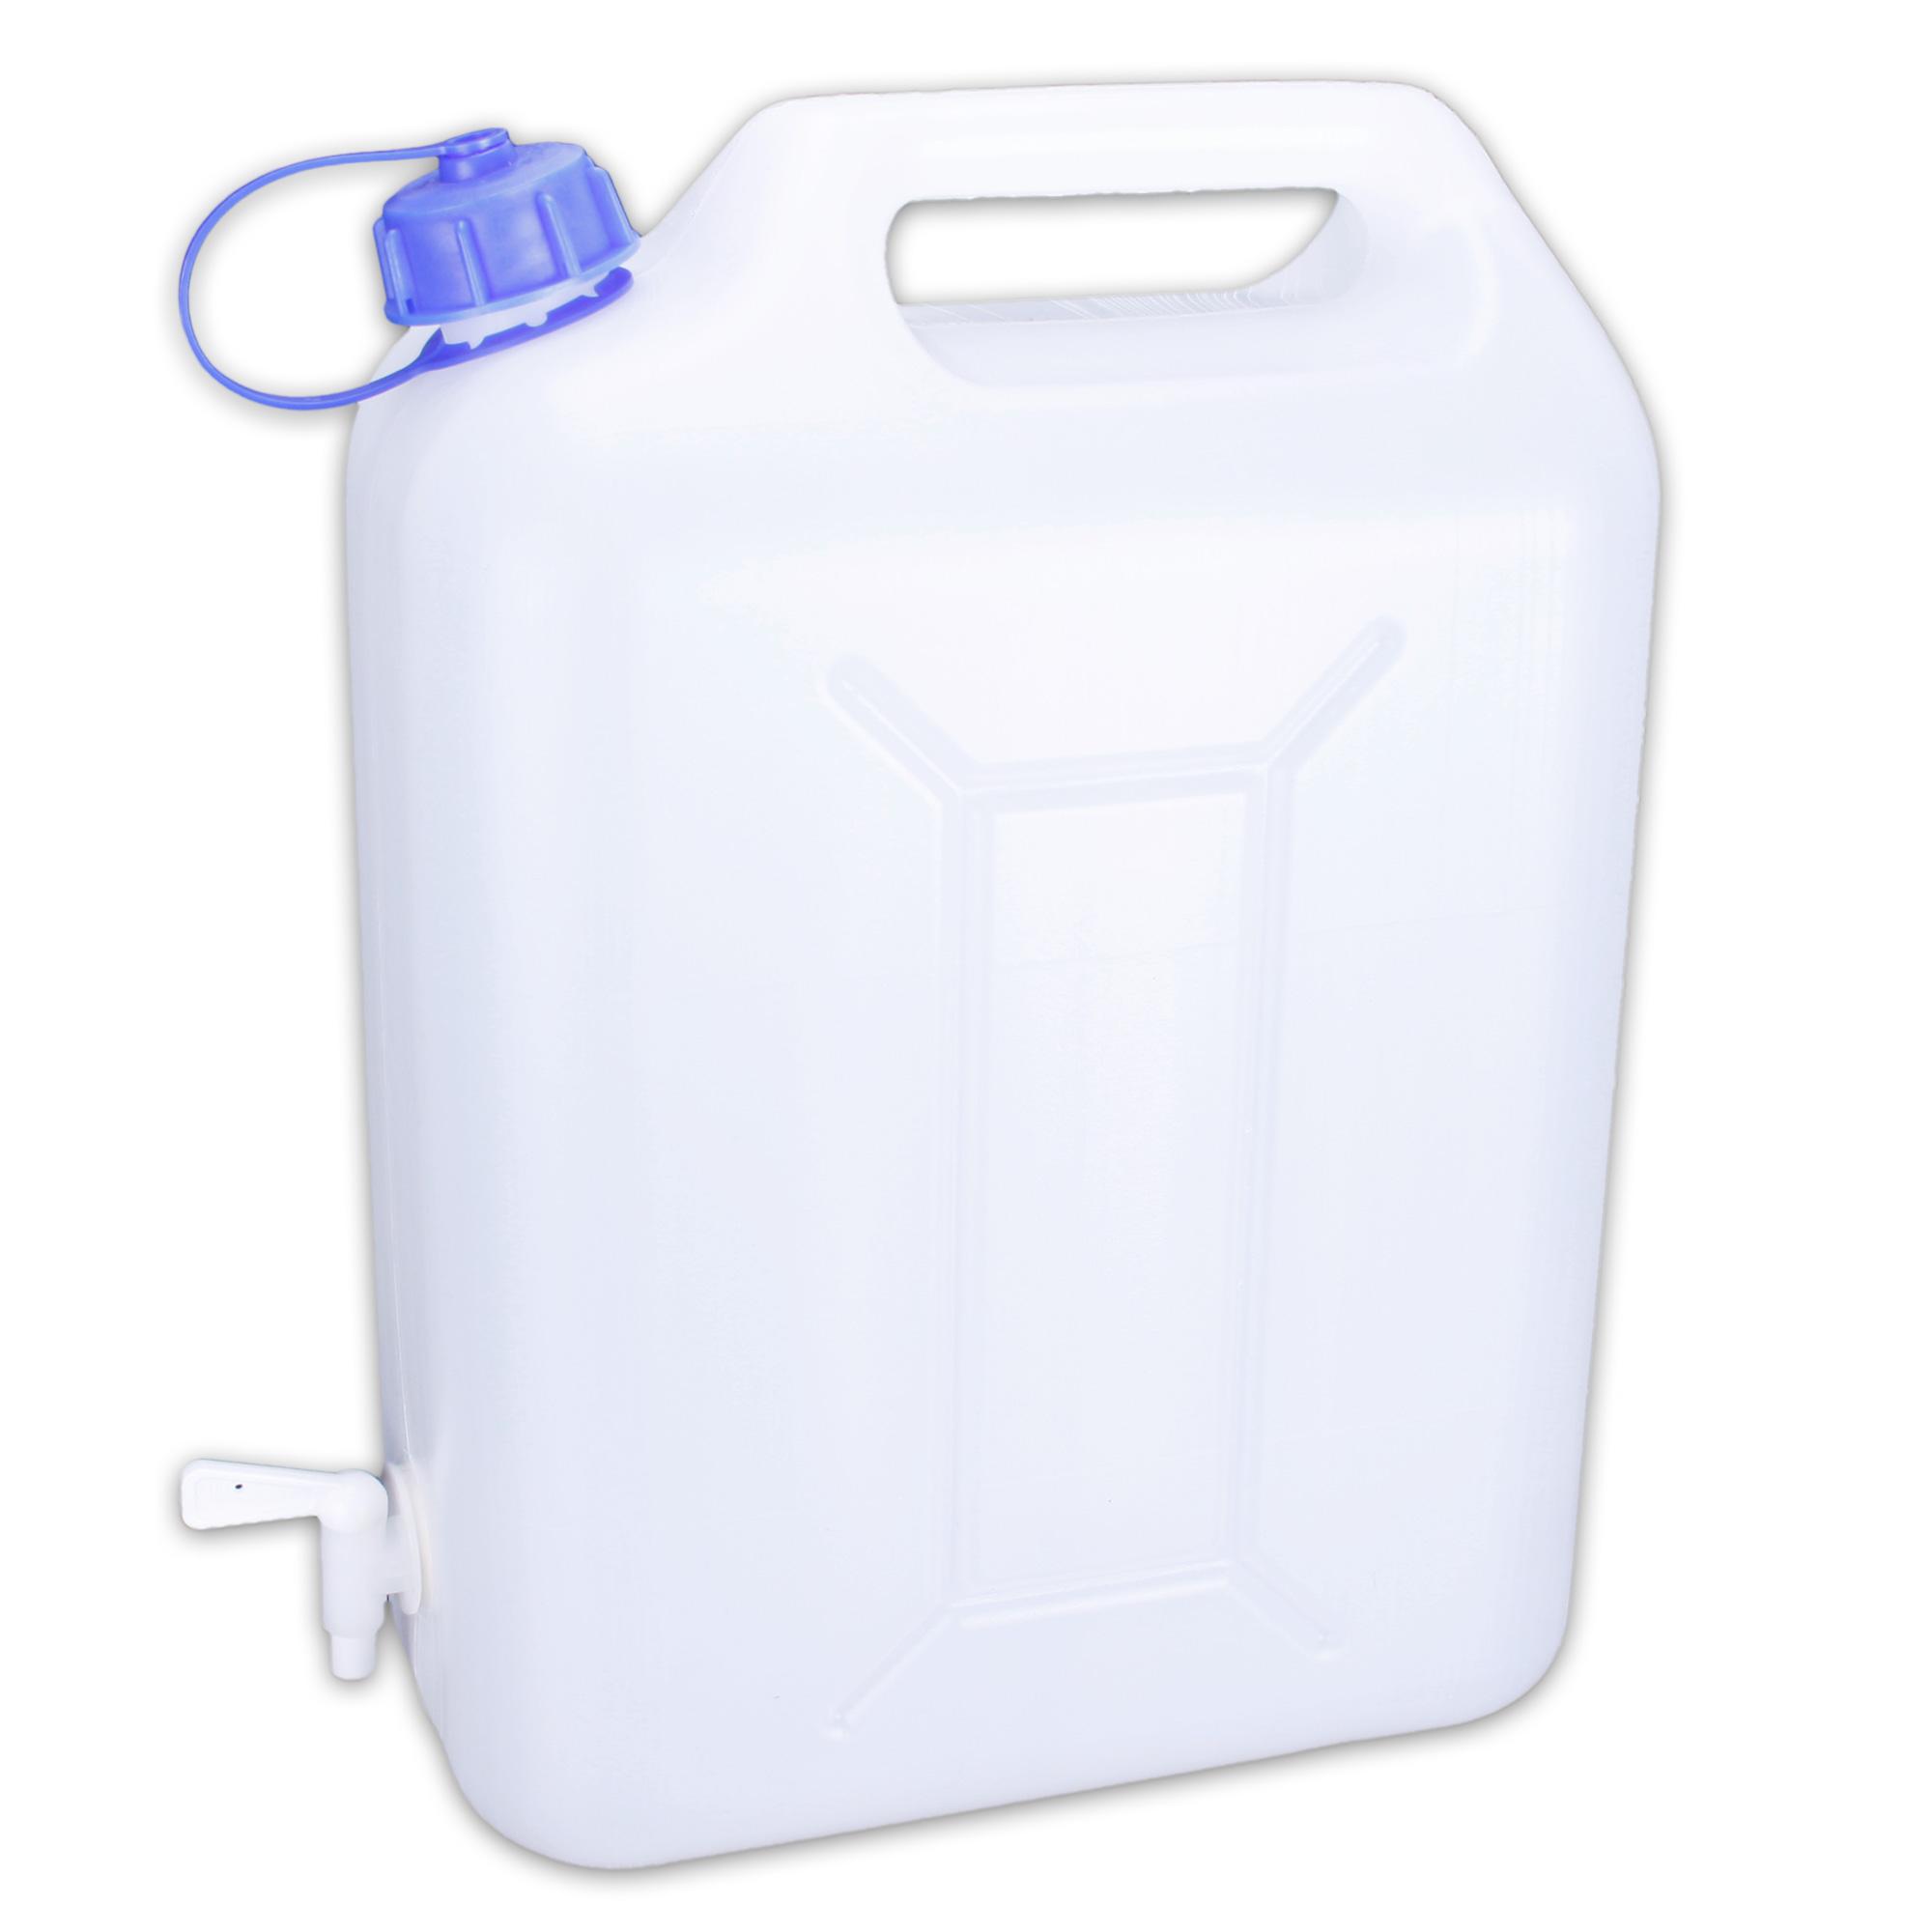 sehr praktischer 10 liter kunststoff wasserkanister mit wasserhahn f r unterwegs ebay. Black Bedroom Furniture Sets. Home Design Ideas